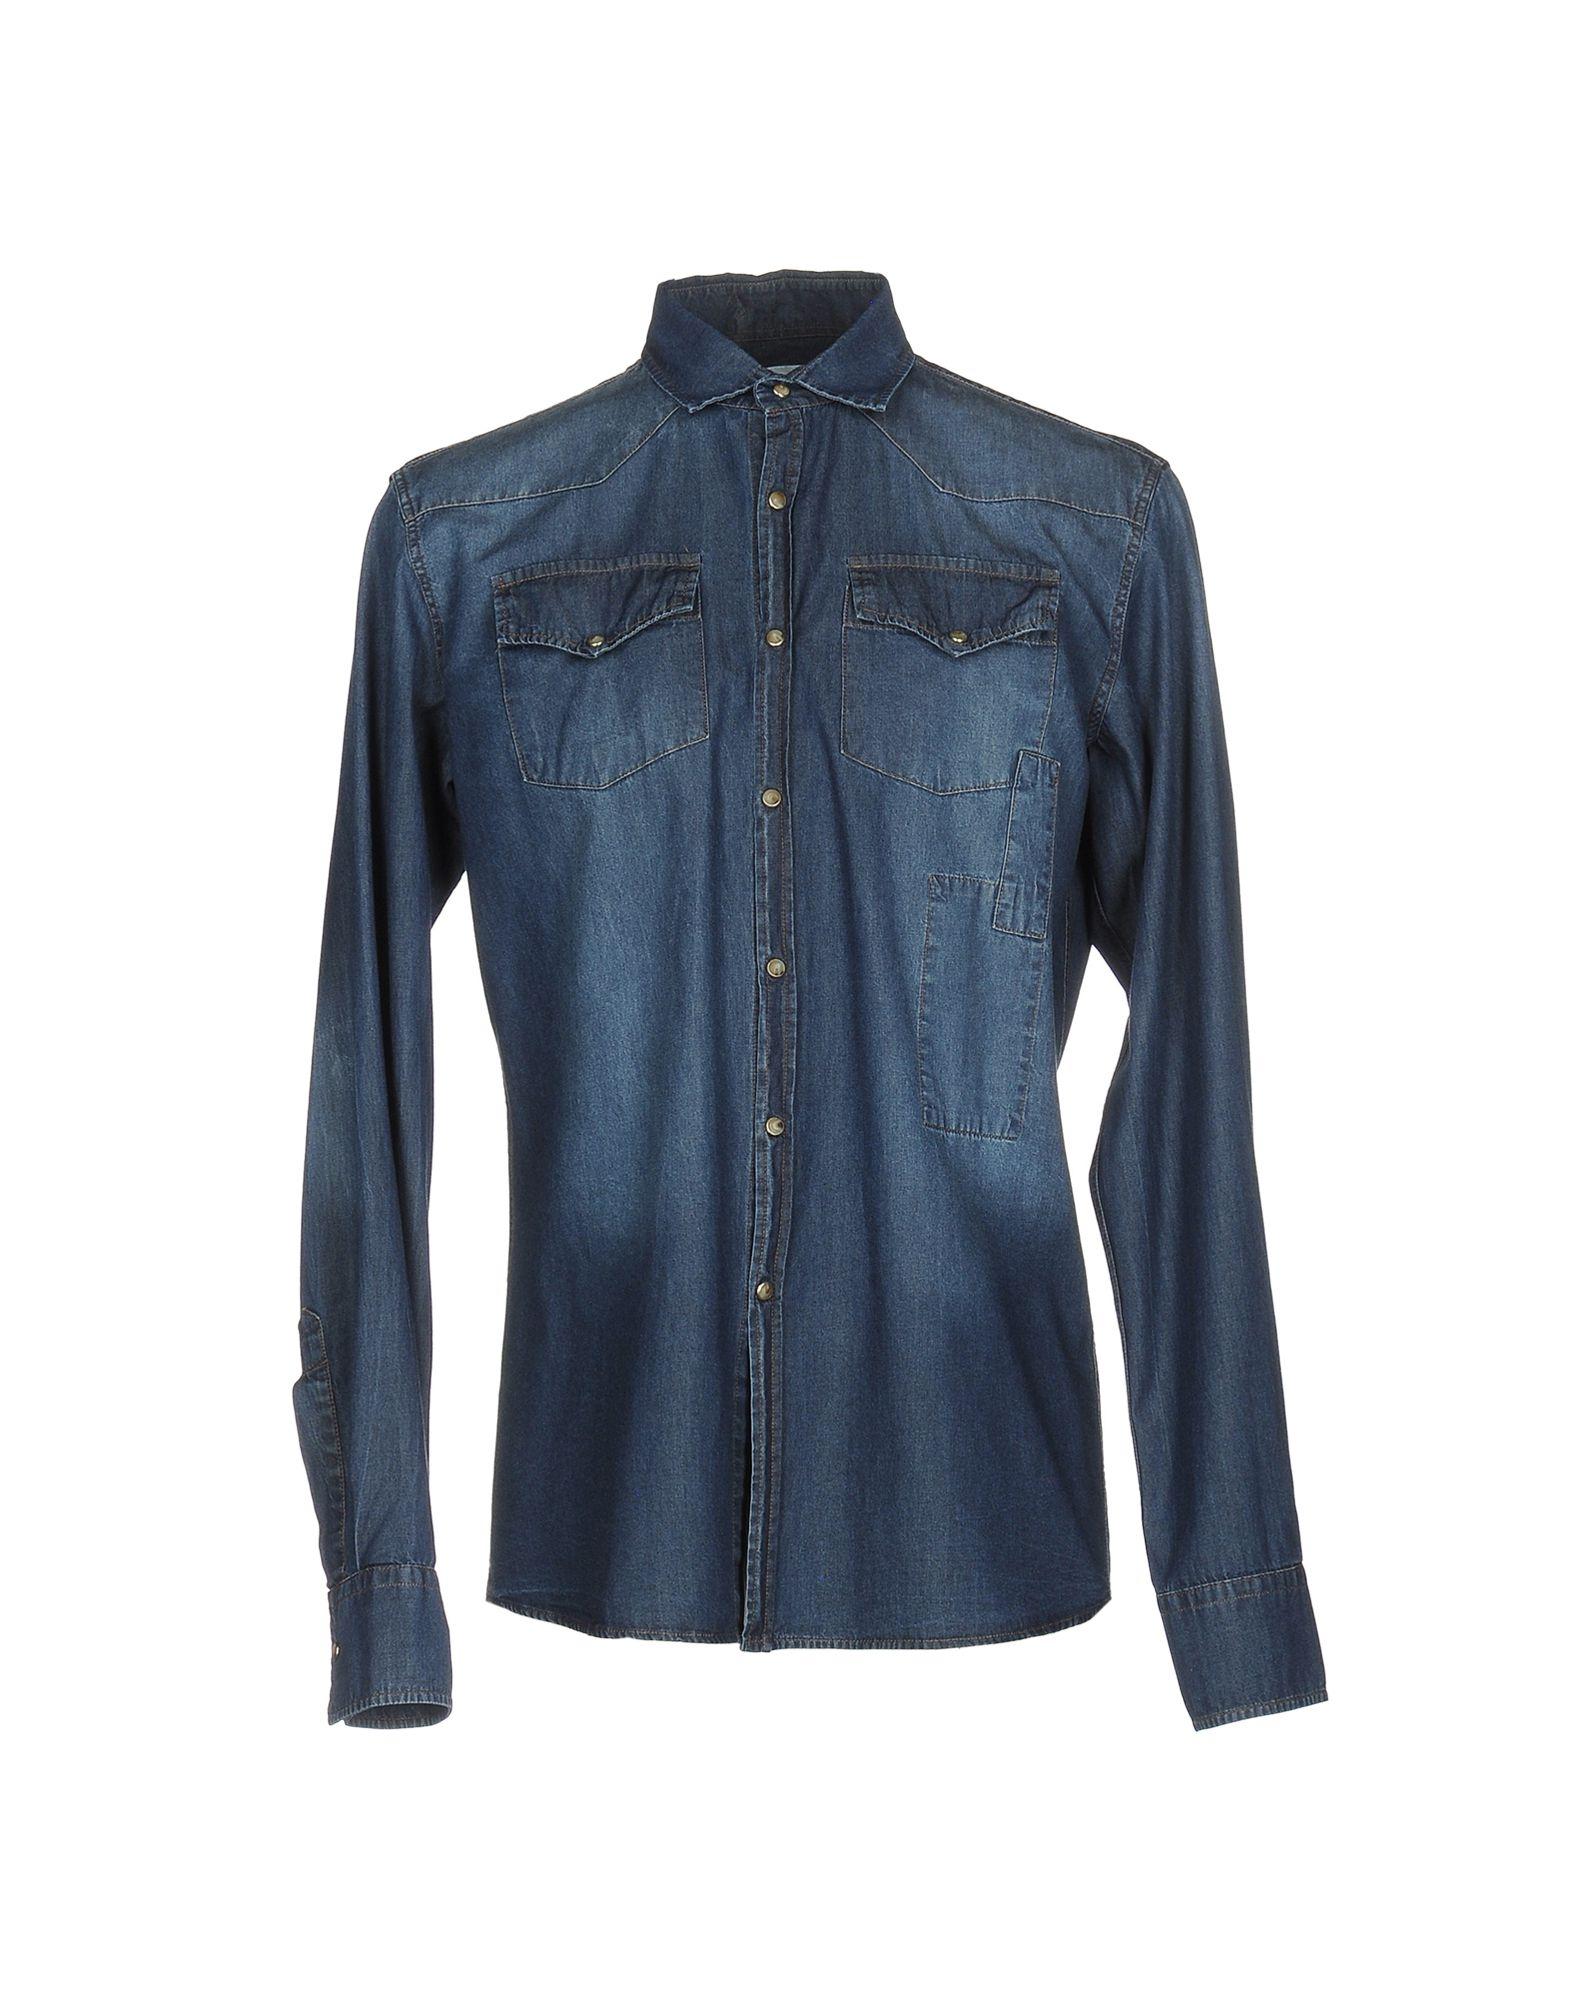 《送料無料》AUTHENTIC ORIGINAL VINTAGE STYLE メンズ デニムシャツ ブルー XS コットン 100%